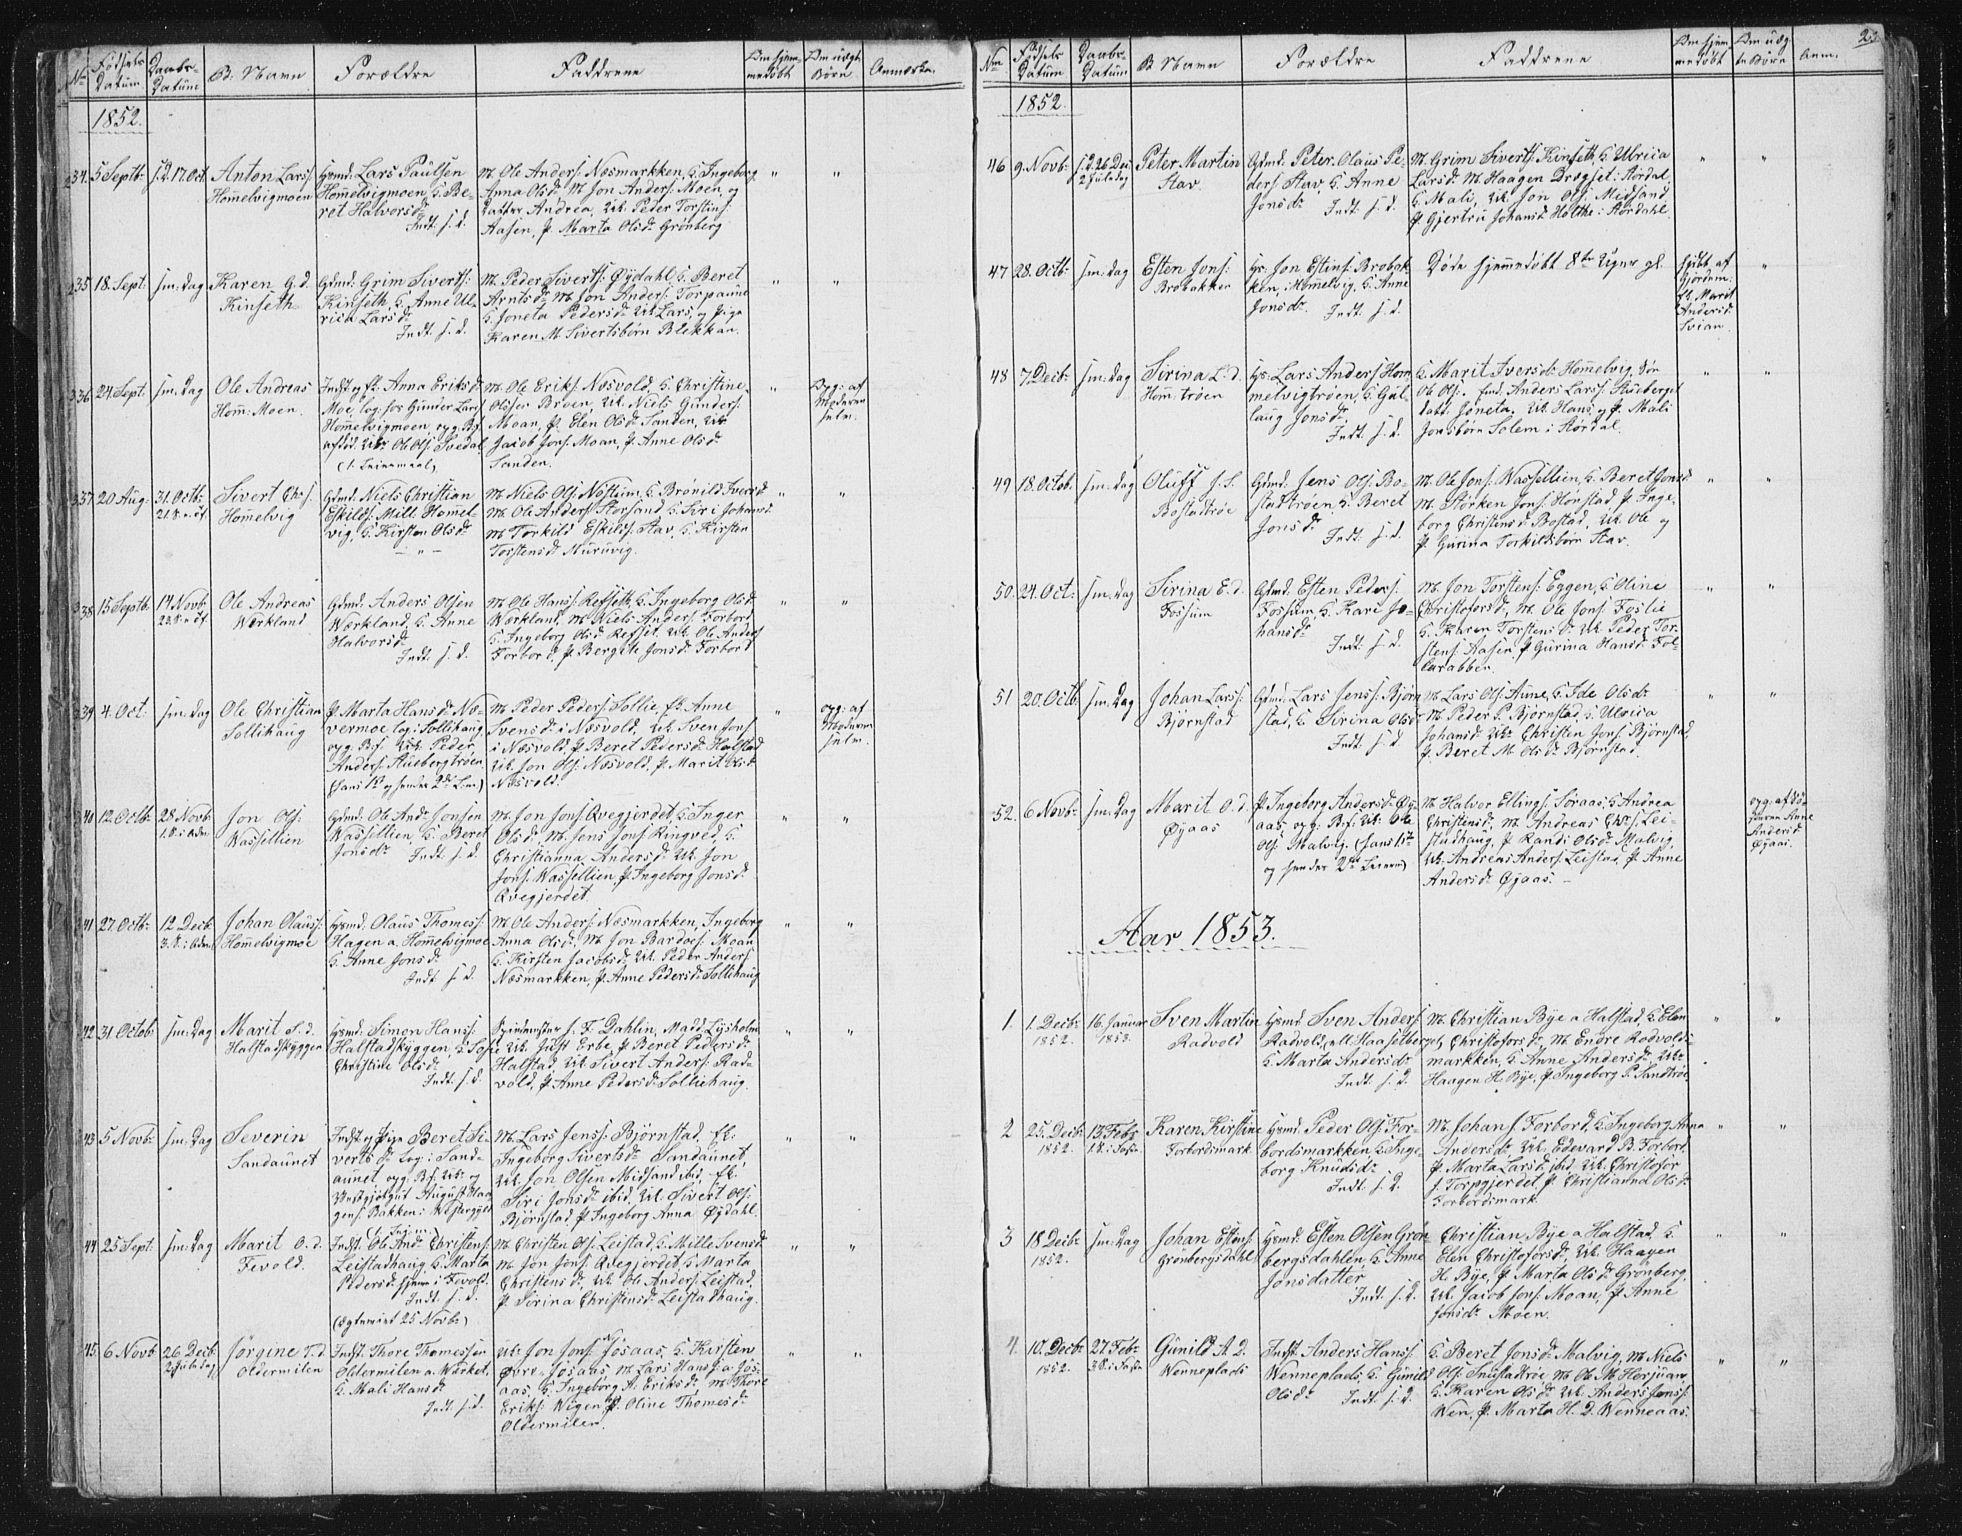 SAT, Ministerialprotokoller, klokkerbøker og fødselsregistre - Sør-Trøndelag, 616/L0406: Ministerialbok nr. 616A03, 1843-1879, s. 25